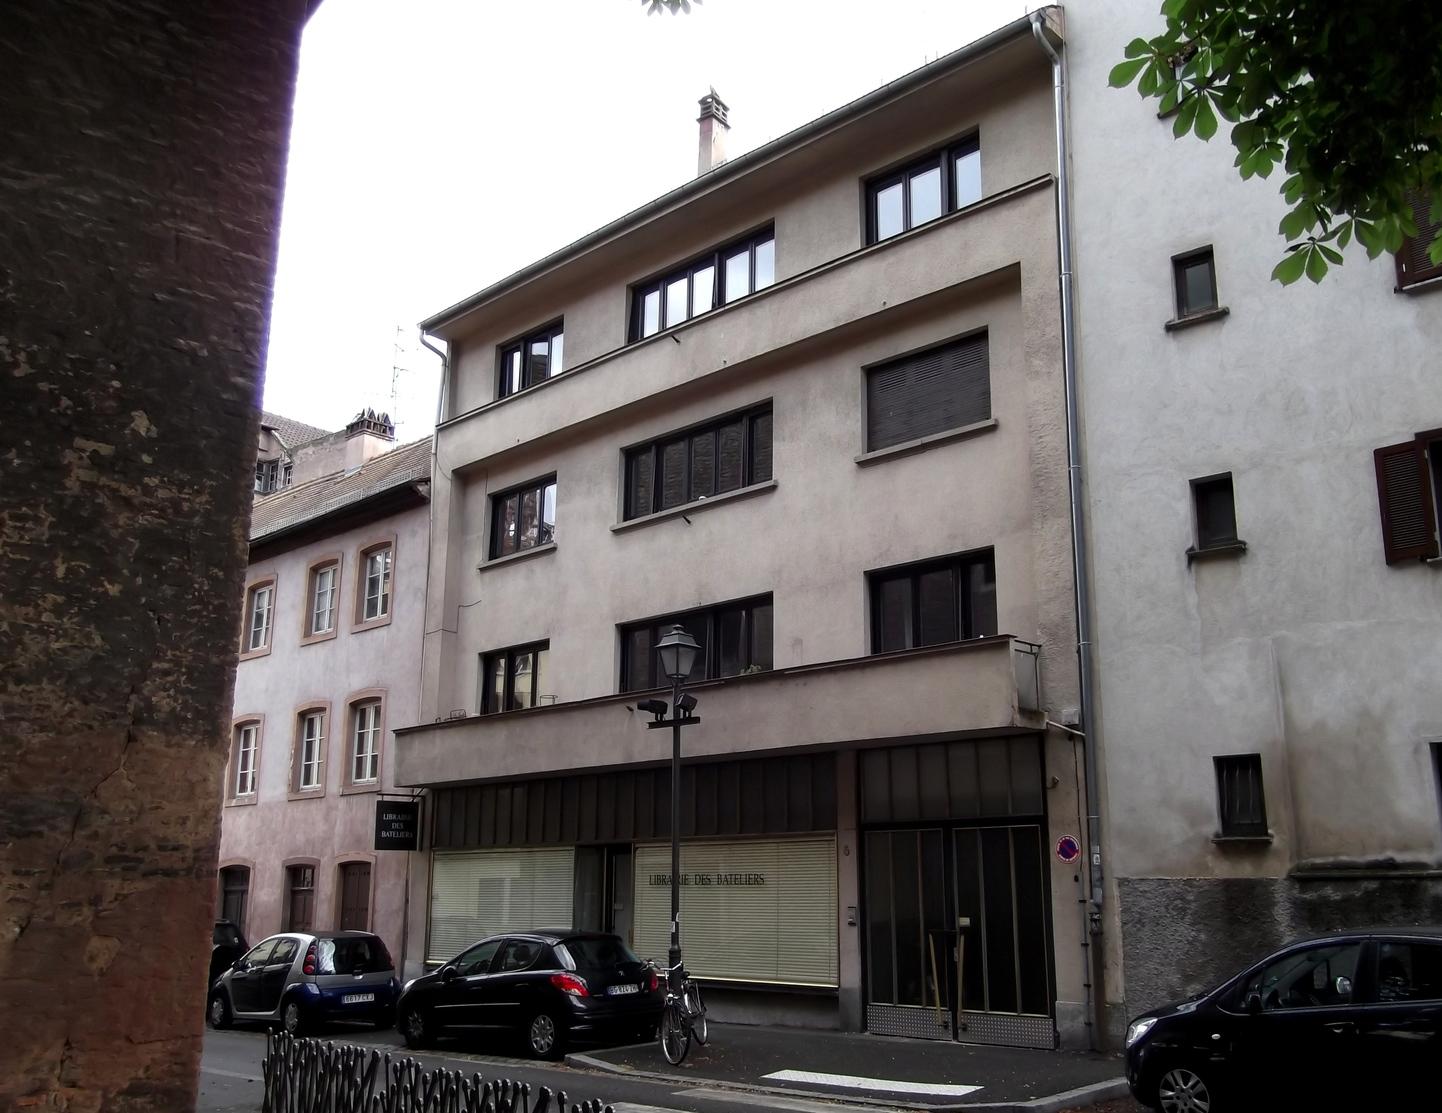 Maisons de strasbourg r sultats de recherche pfundstein for Porte de garage strasbourg